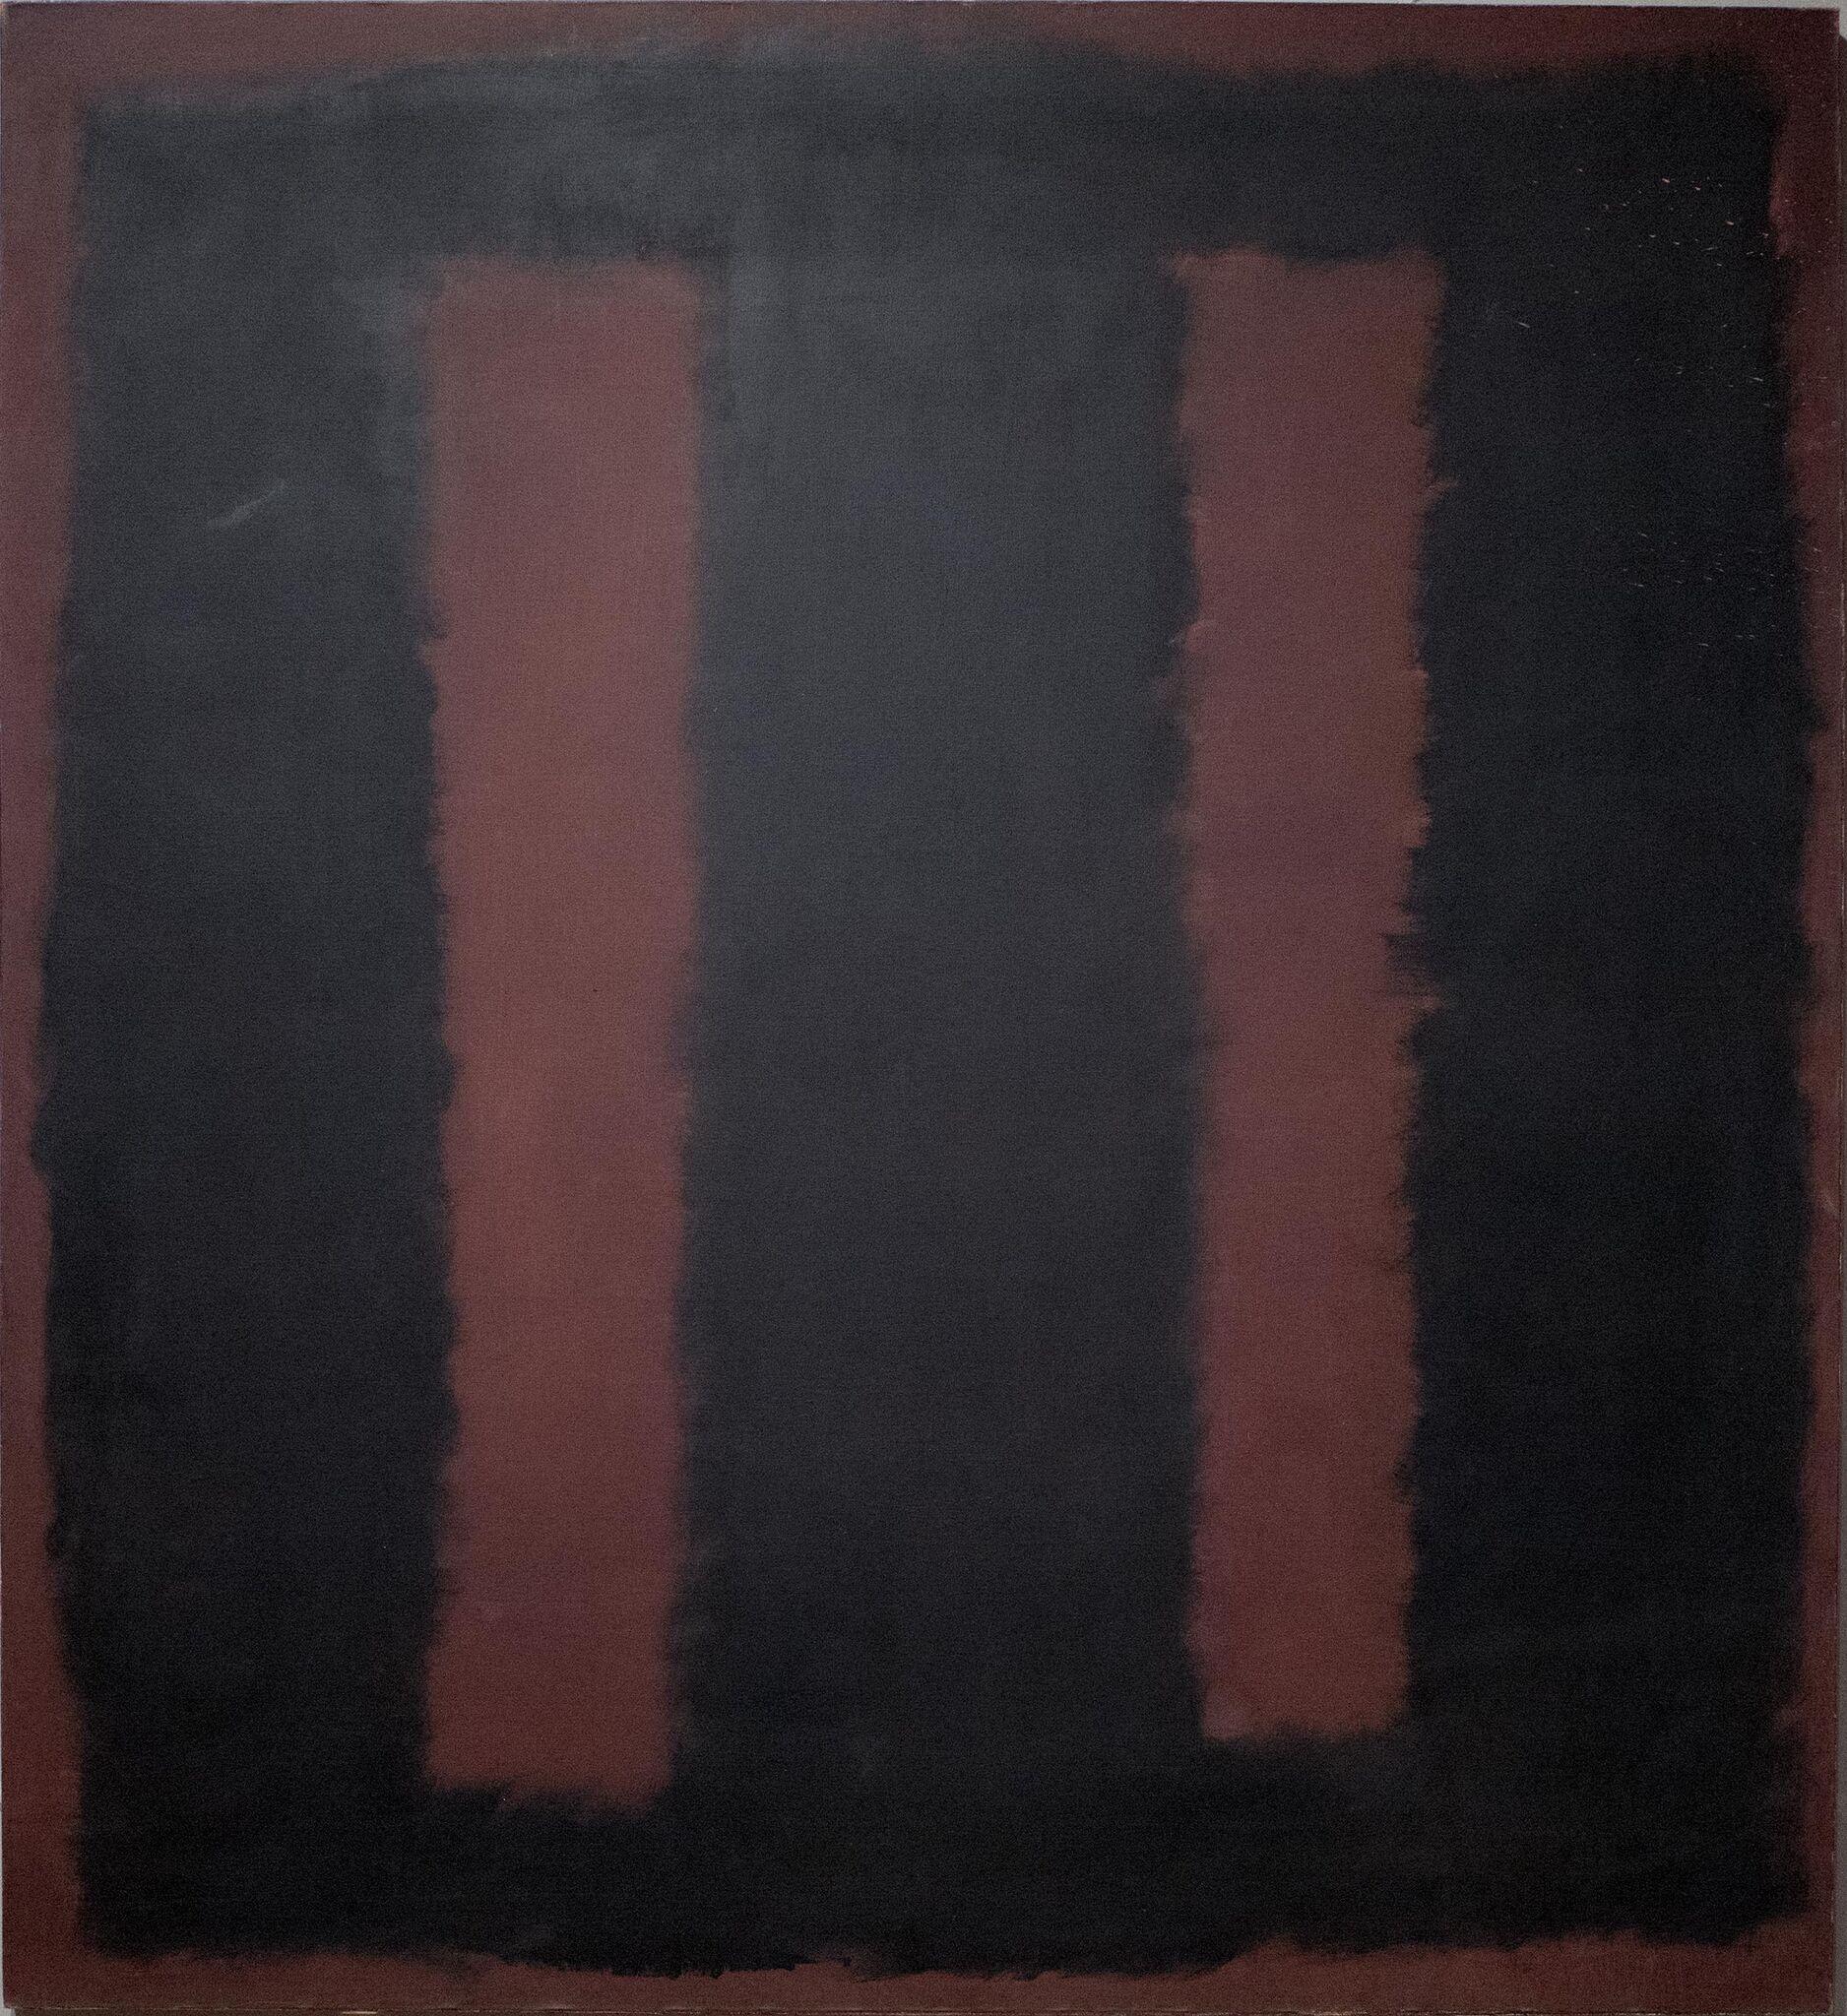 Mark Rothko late 1950's